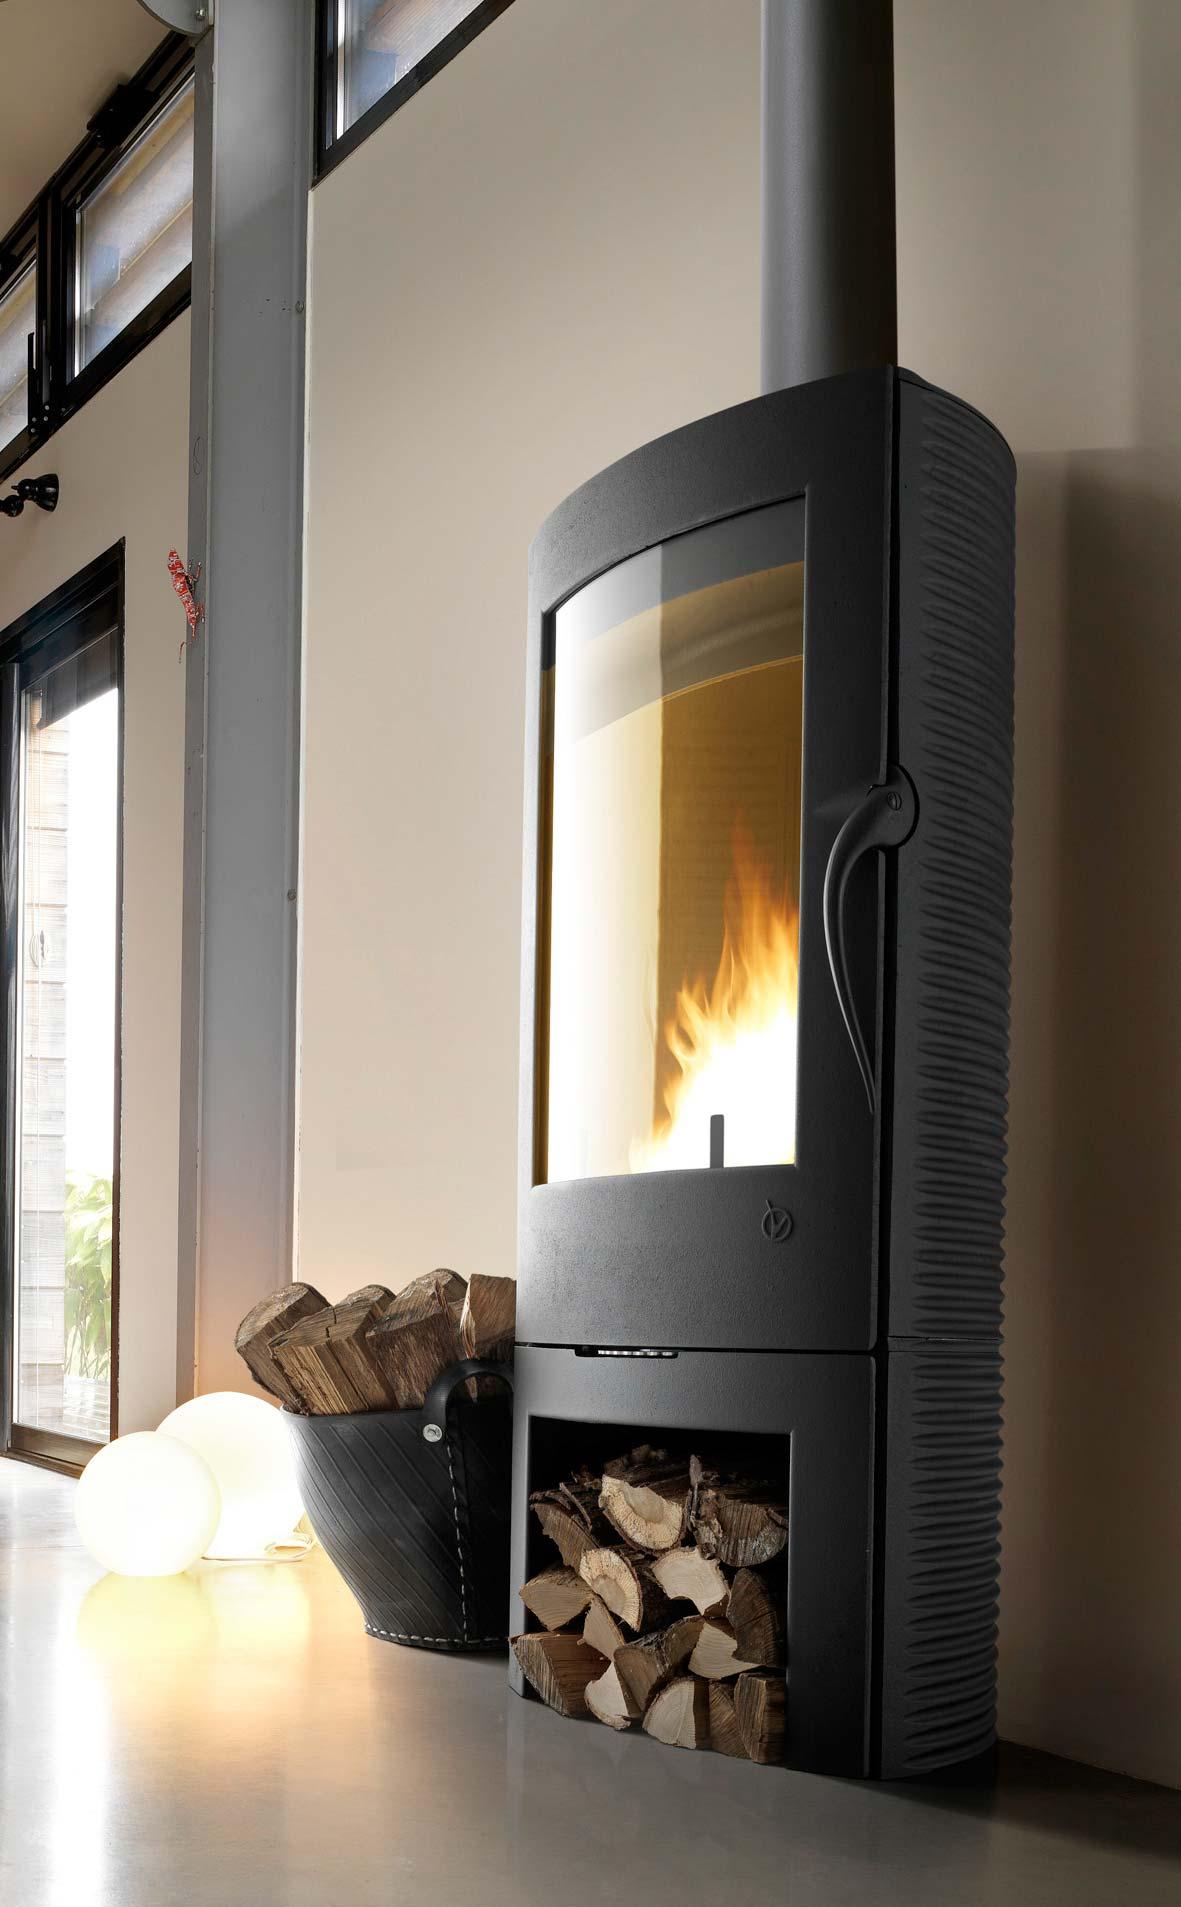 kaminofen wamsler kf 188 arles guss grau 10 kw bei. Black Bedroom Furniture Sets. Home Design Ideas